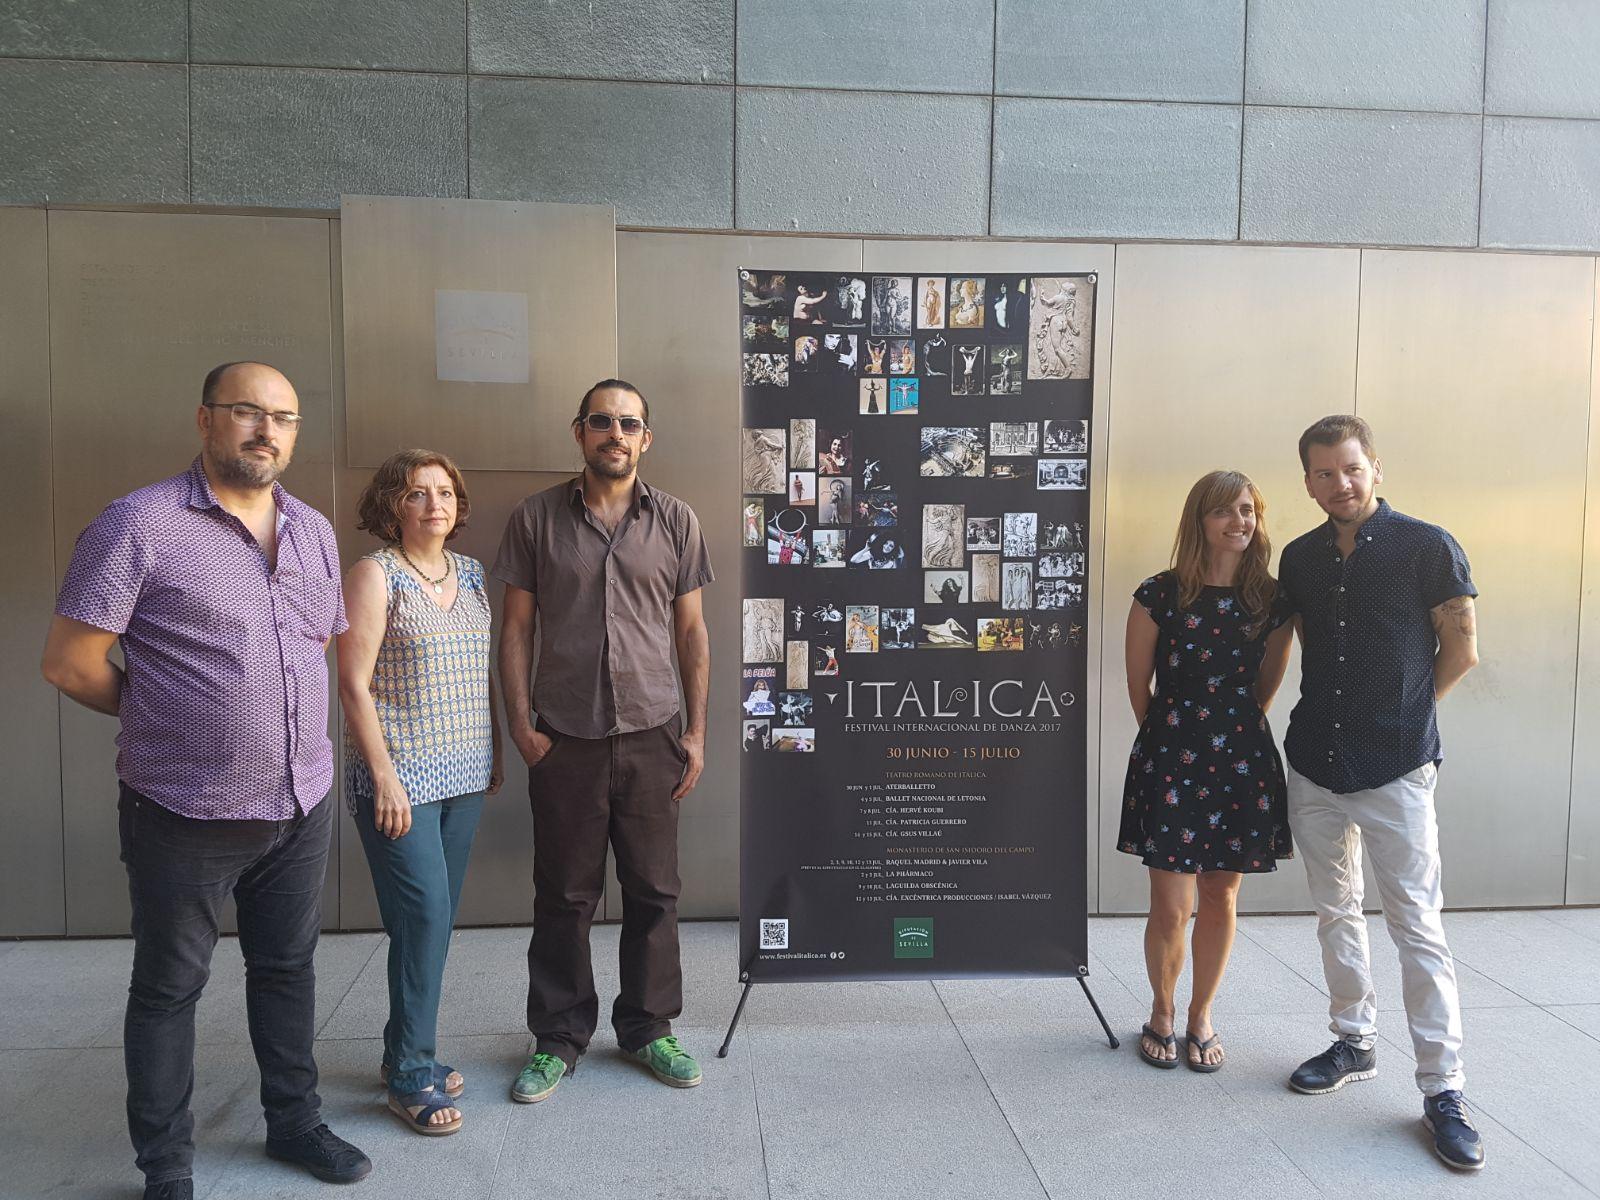 Rueda de prensa de Laguilda Obscénica